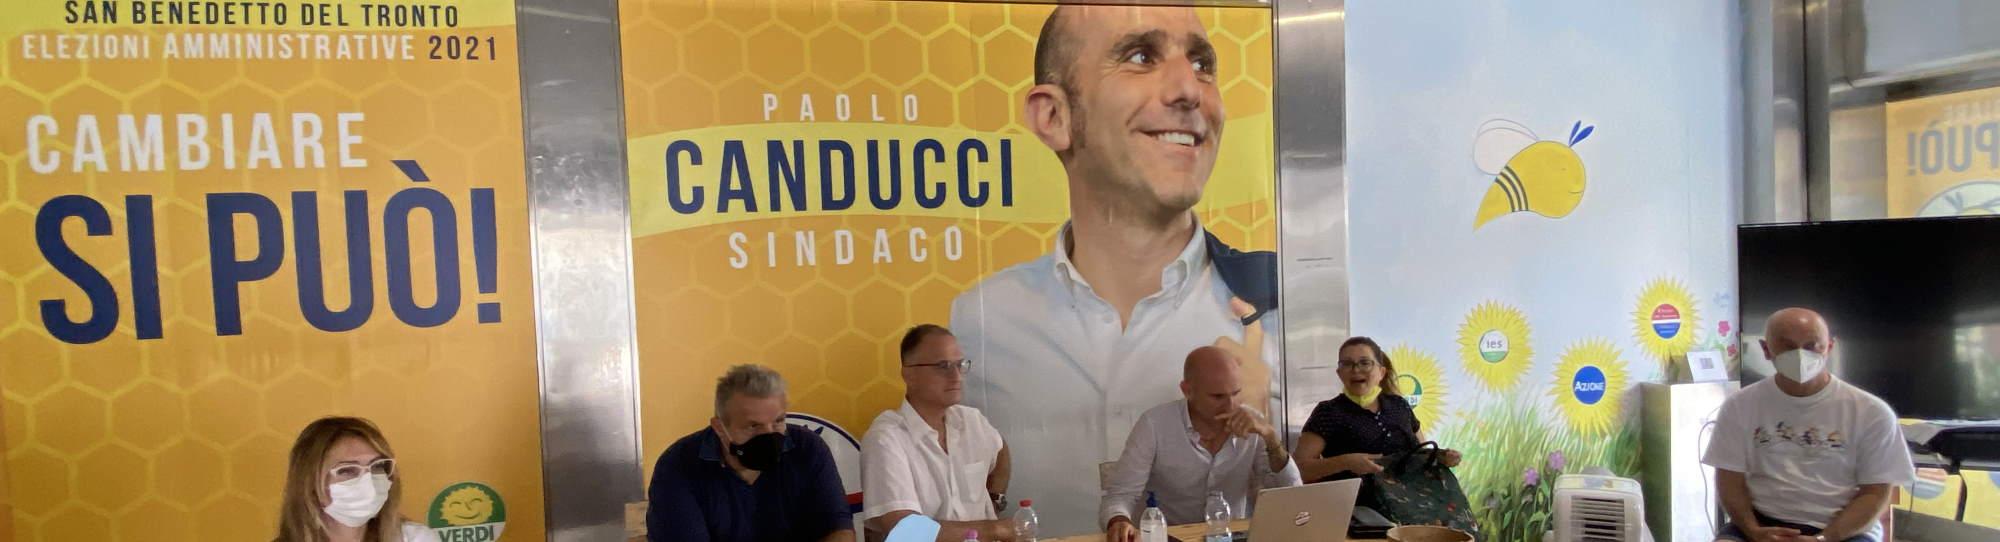 Verso le elezioni amministrative, anche una parte del Pd a sostegno di Canducci Sindaco